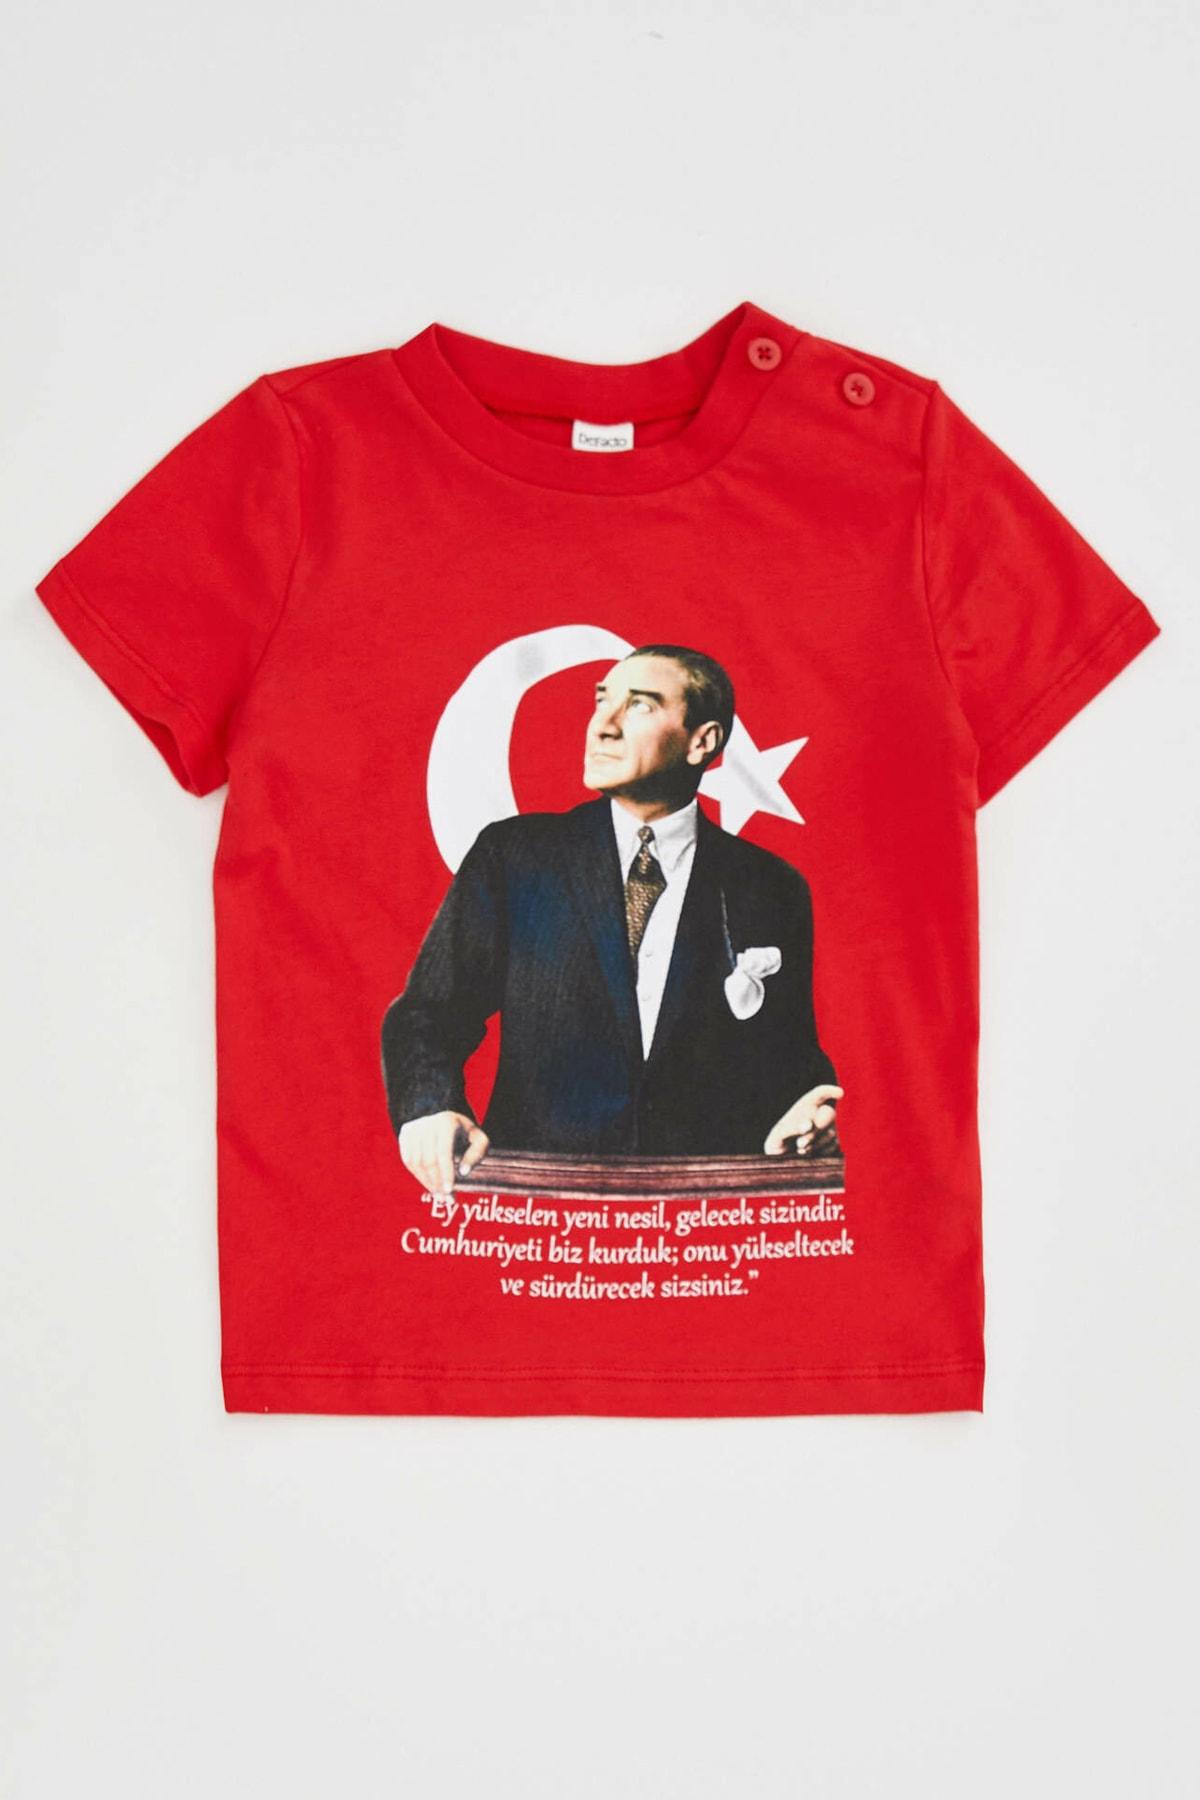 DeFacto Erkek Bebek Kırmızı 23 Nisan Atatürk Baskılı Kısa Kollu T-shirt 1